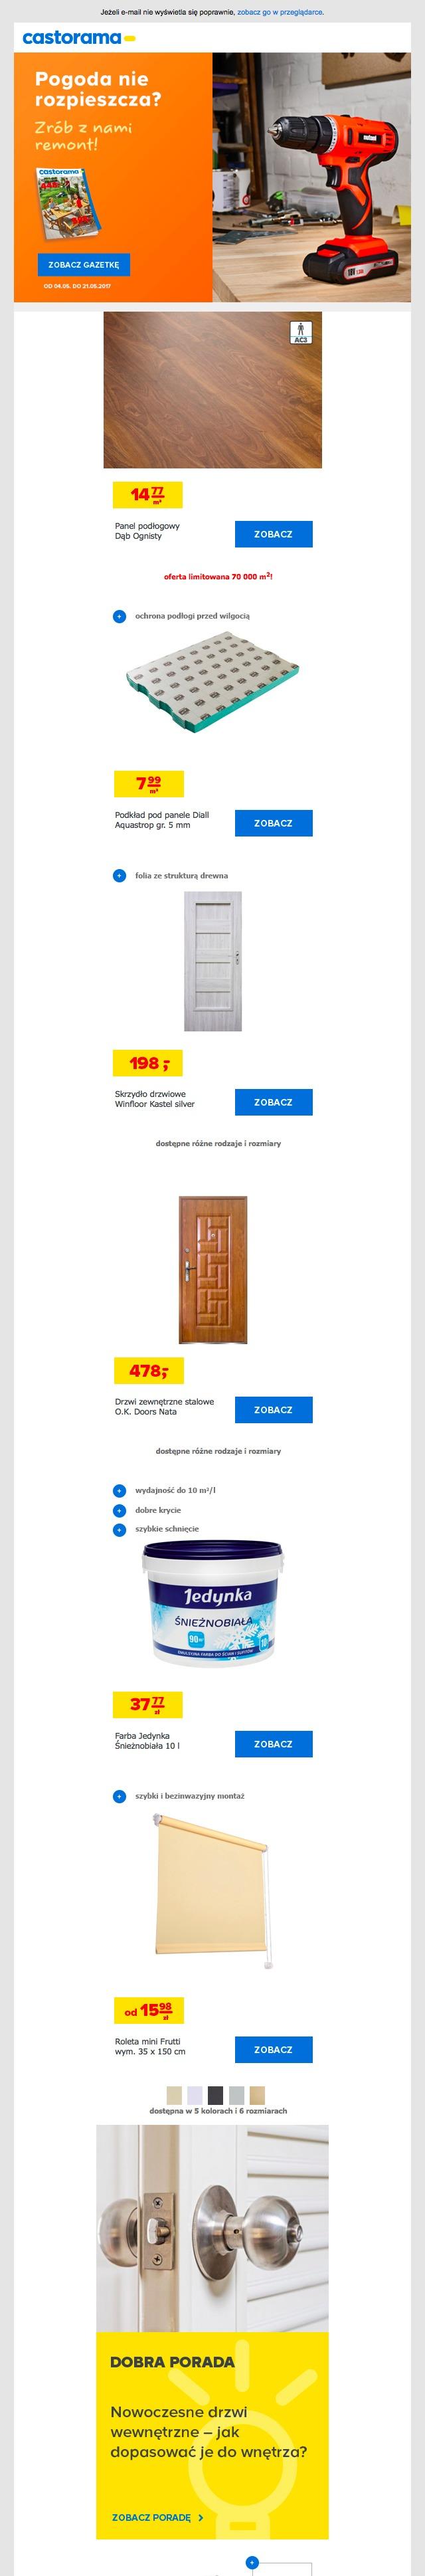 mailing-castorama-22